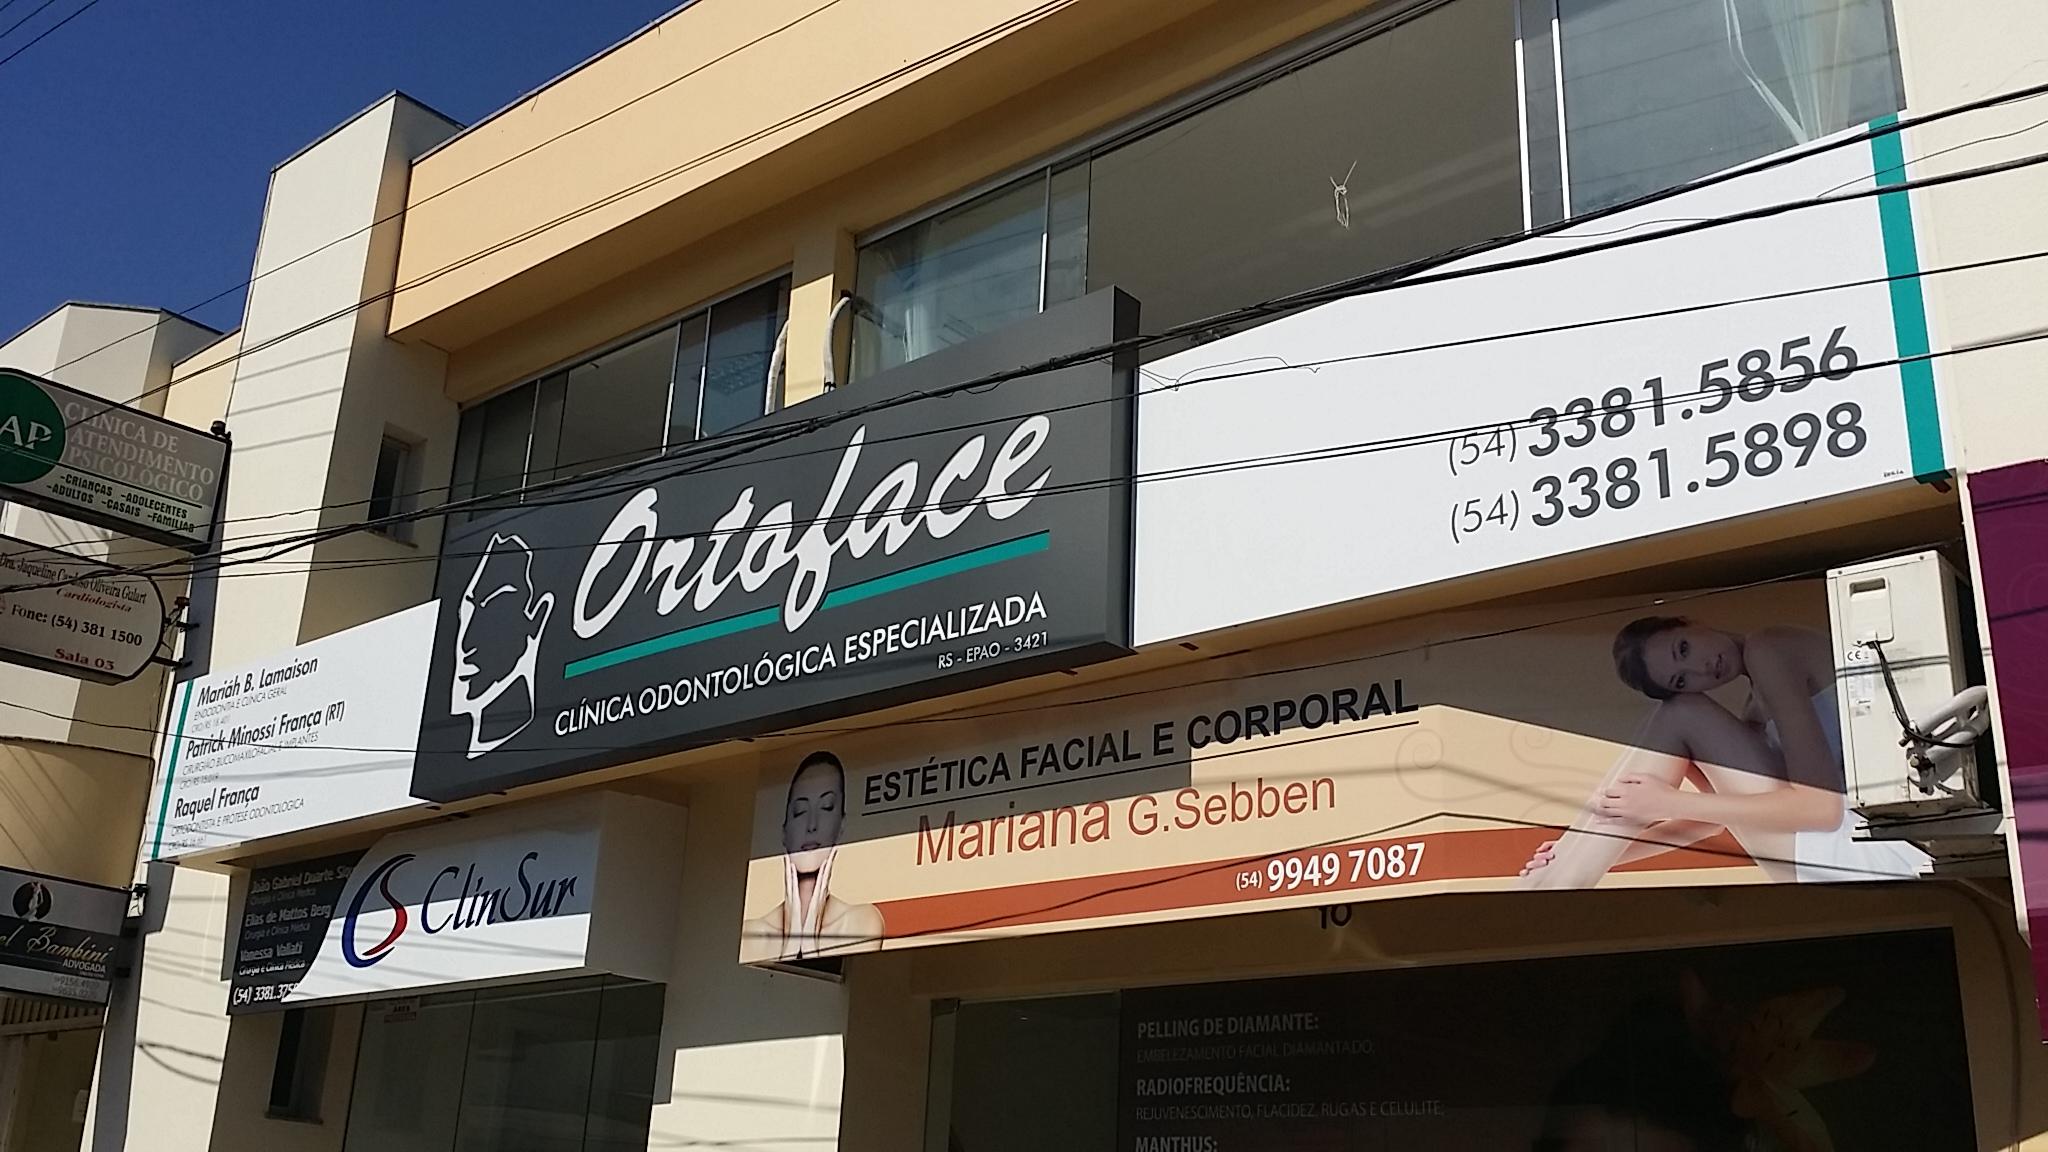 Ortoface 1